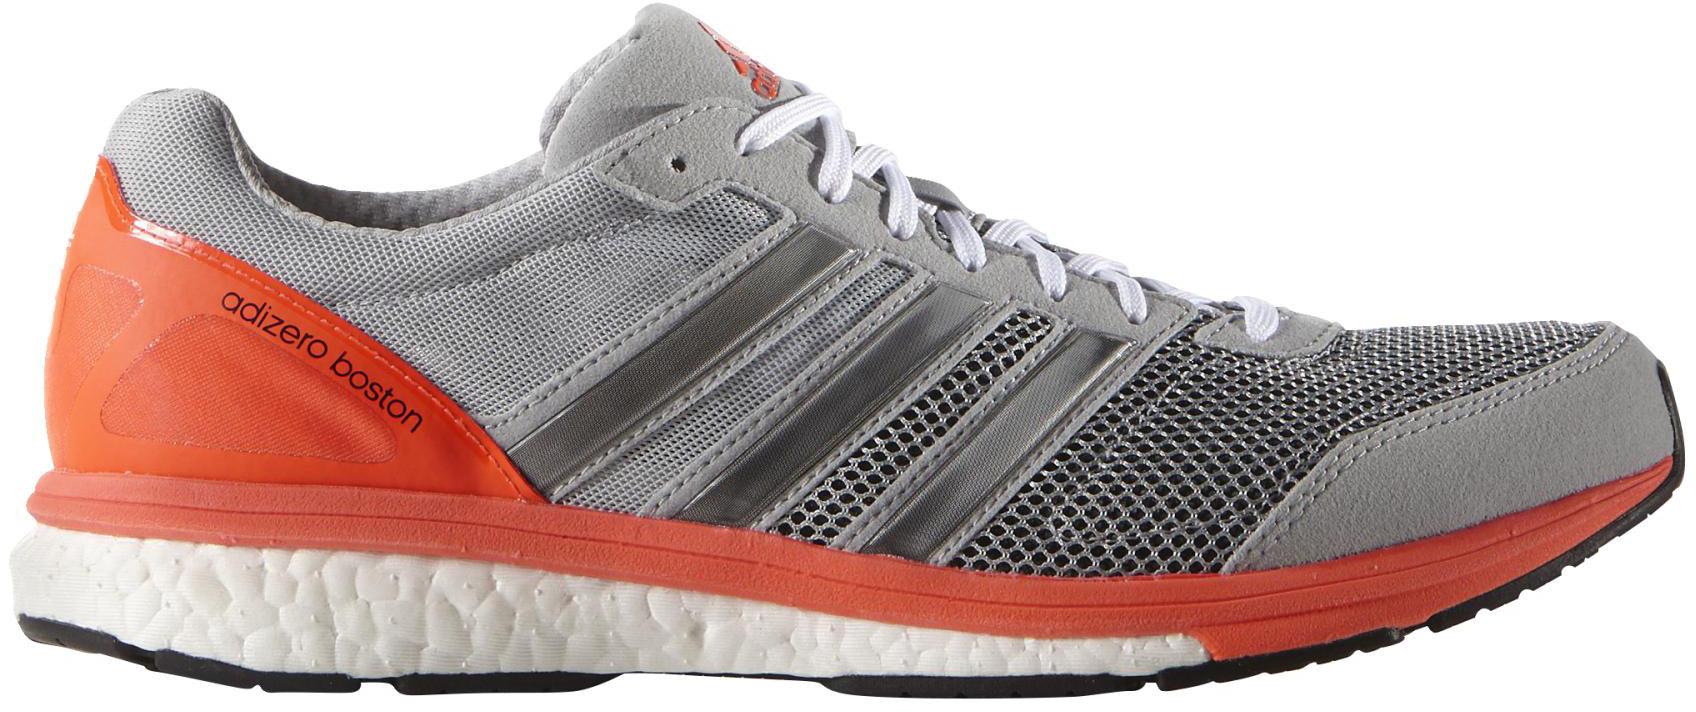 best sneakers dd2a9 f99ac adidas ADIZERO BOSTON BOOST 5 M